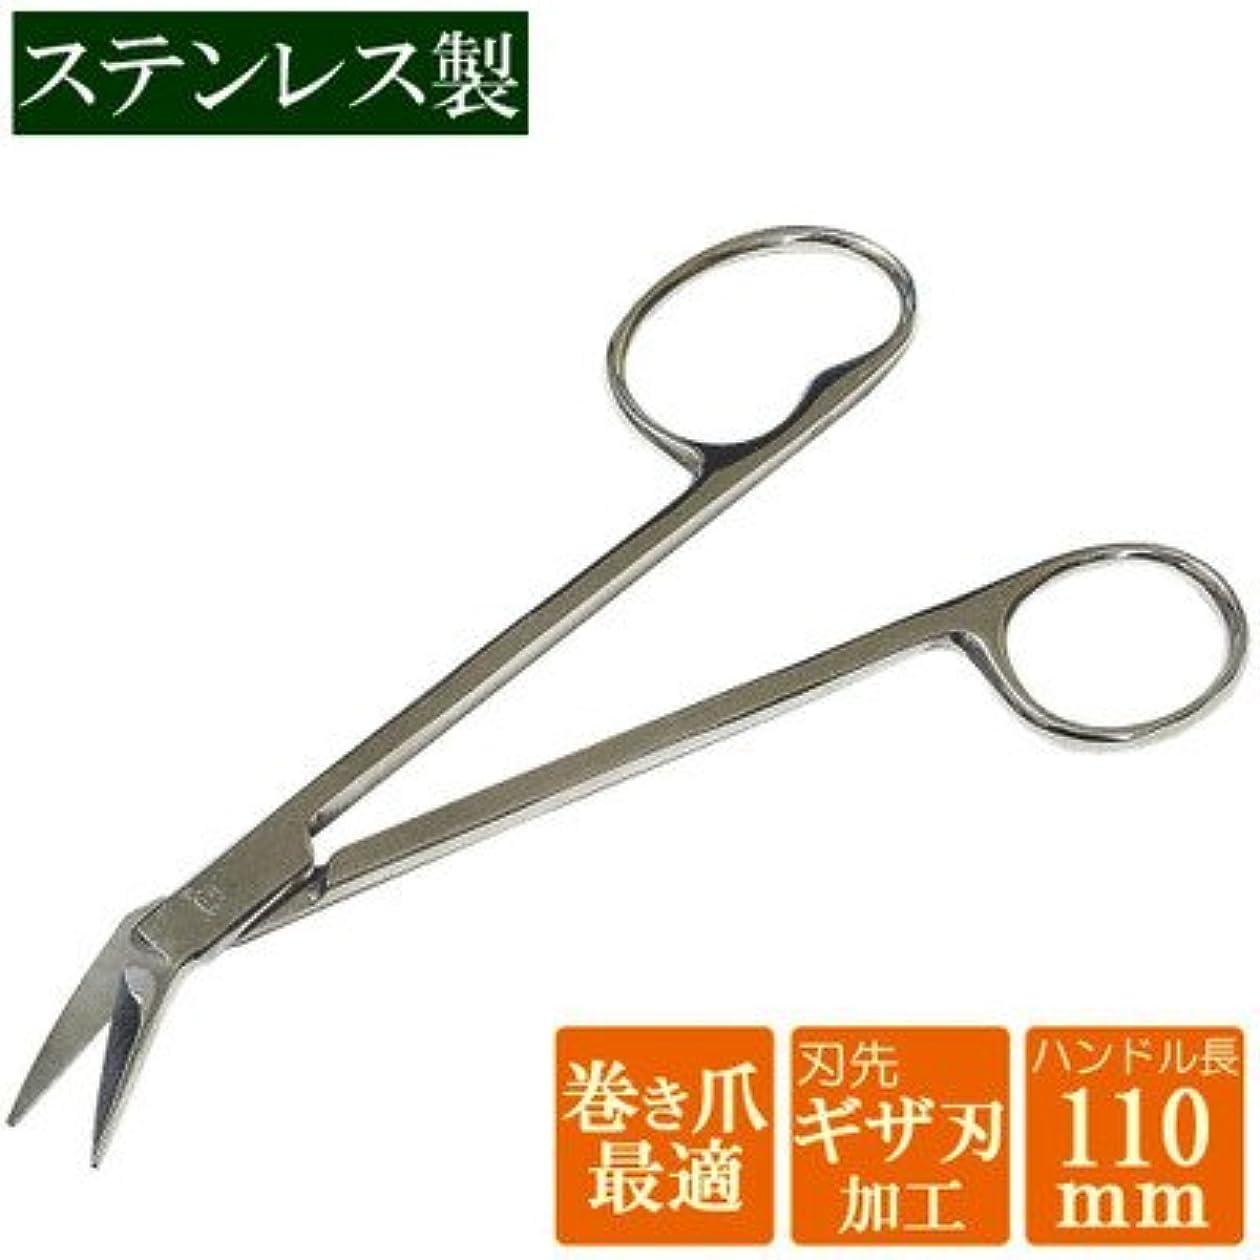 流行している逆にナサニエル区88021 ロング足用爪切りハサミ 自由なラインで切れる足用爪切りハサミ